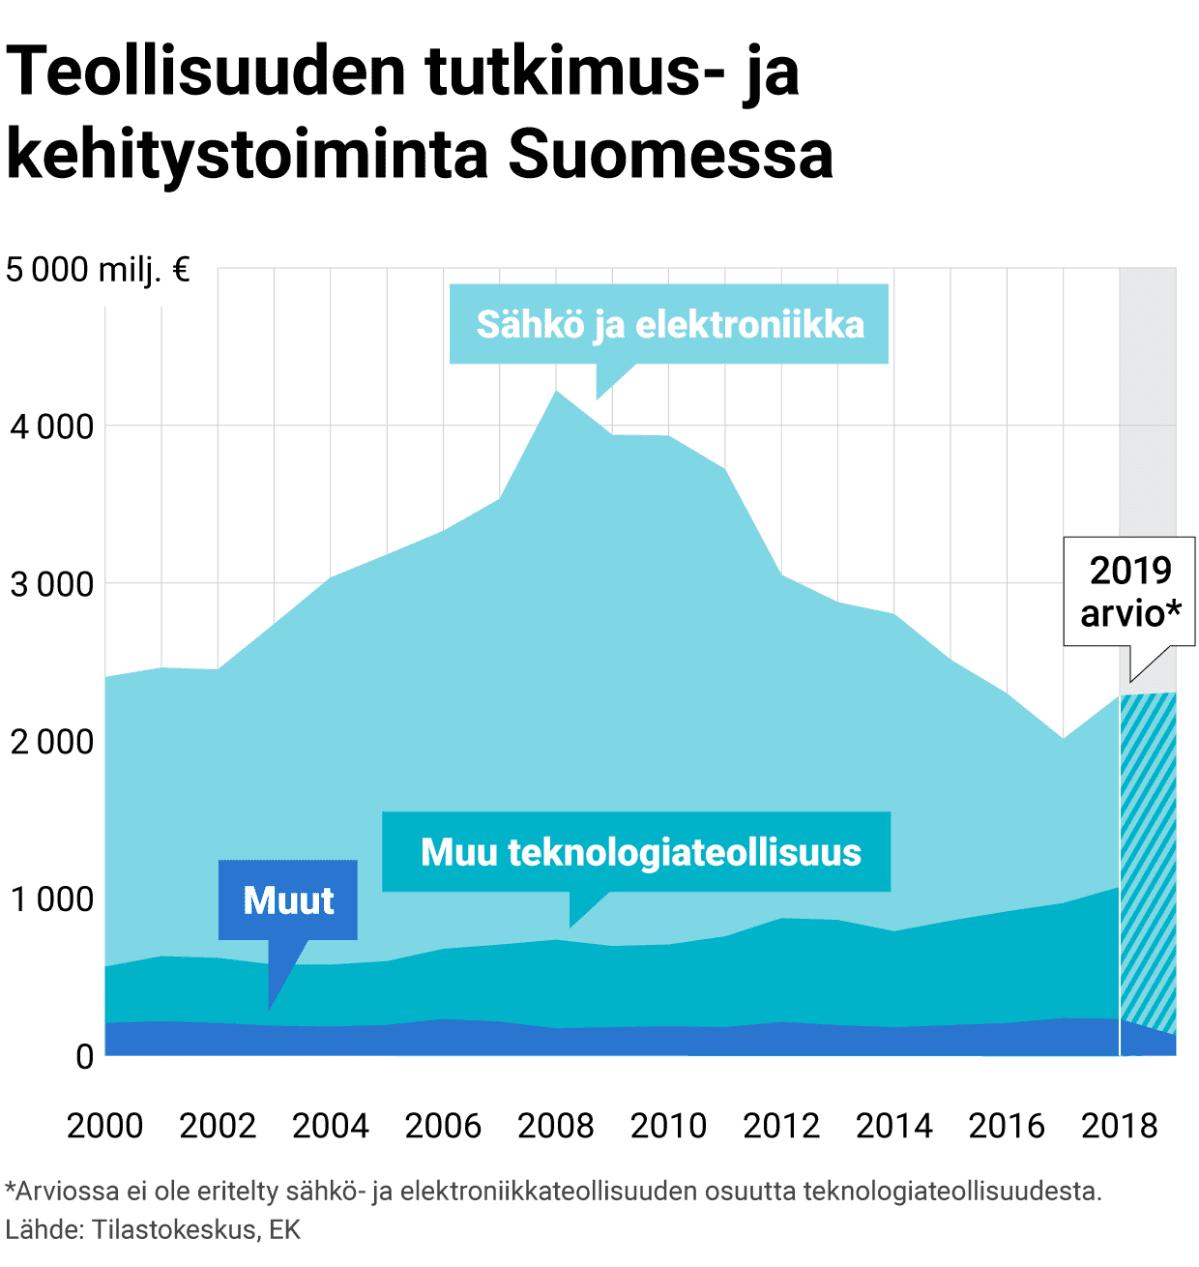 Teollisuuden tutkimus- ja kehitystoiminta Suomessa